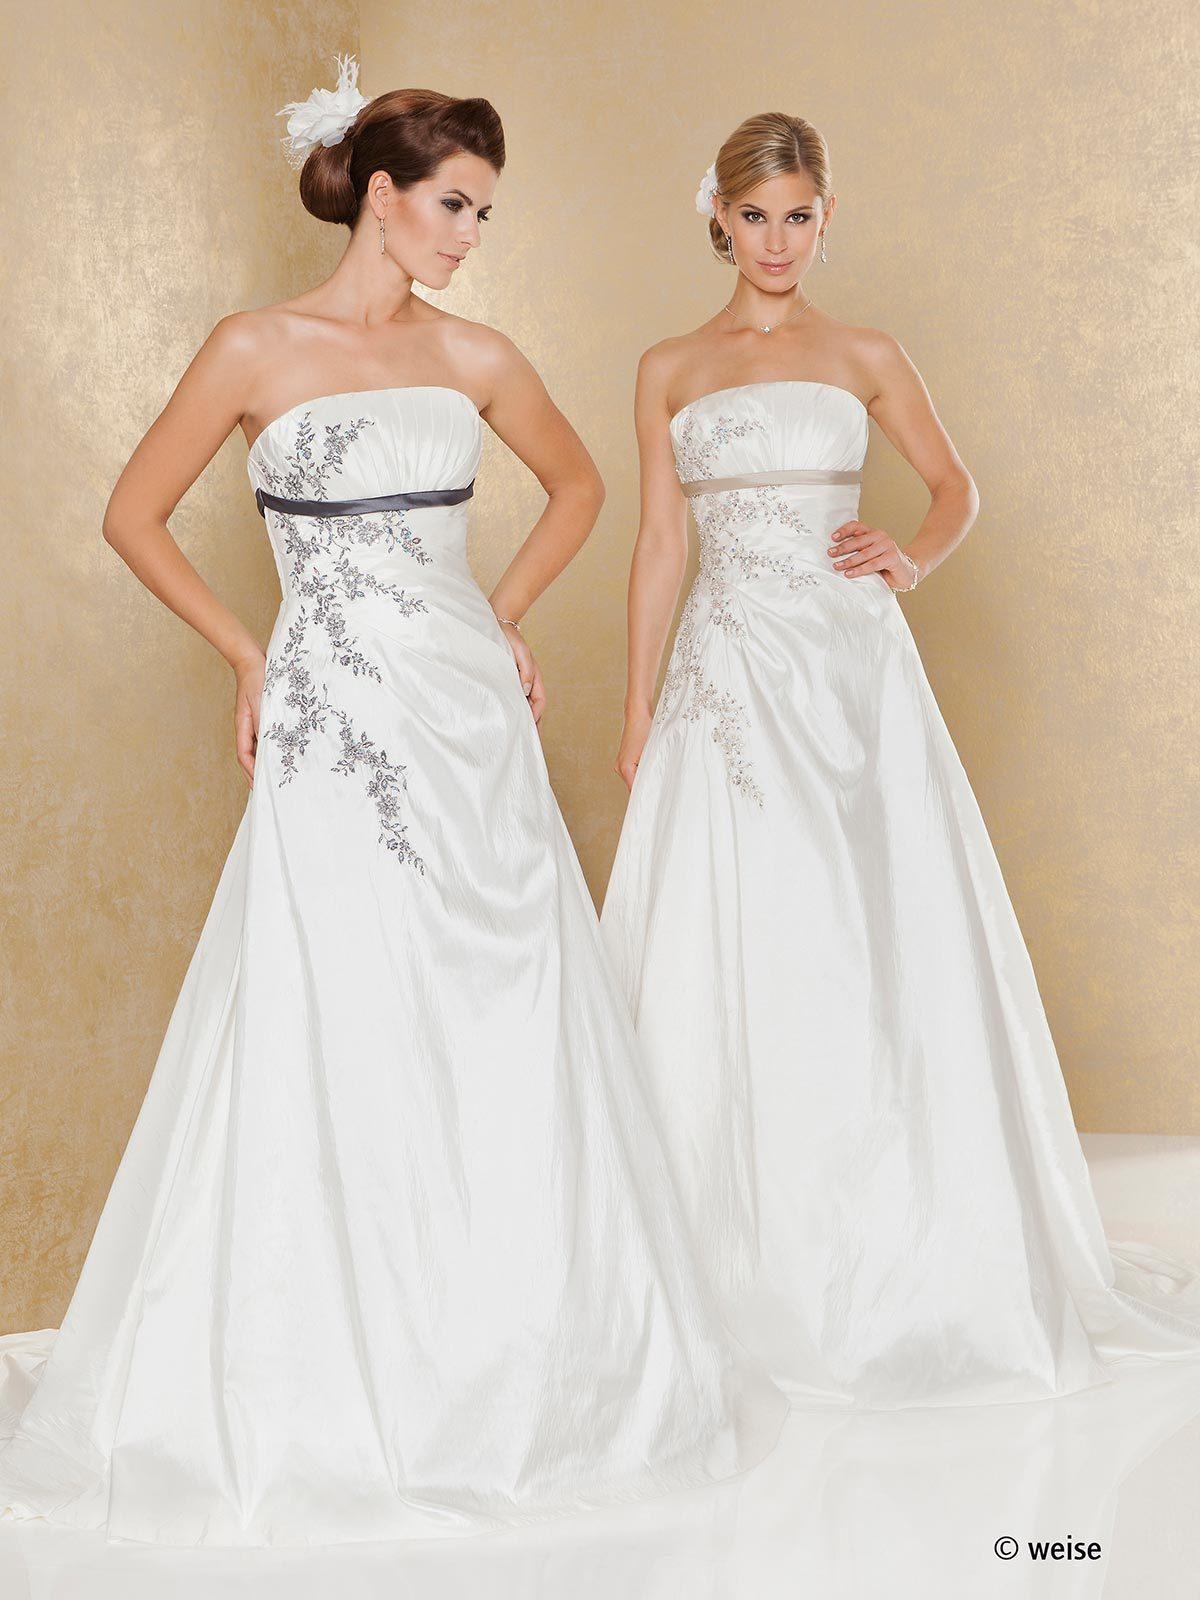 Brautkleid 19 von Weise auf Ja.de